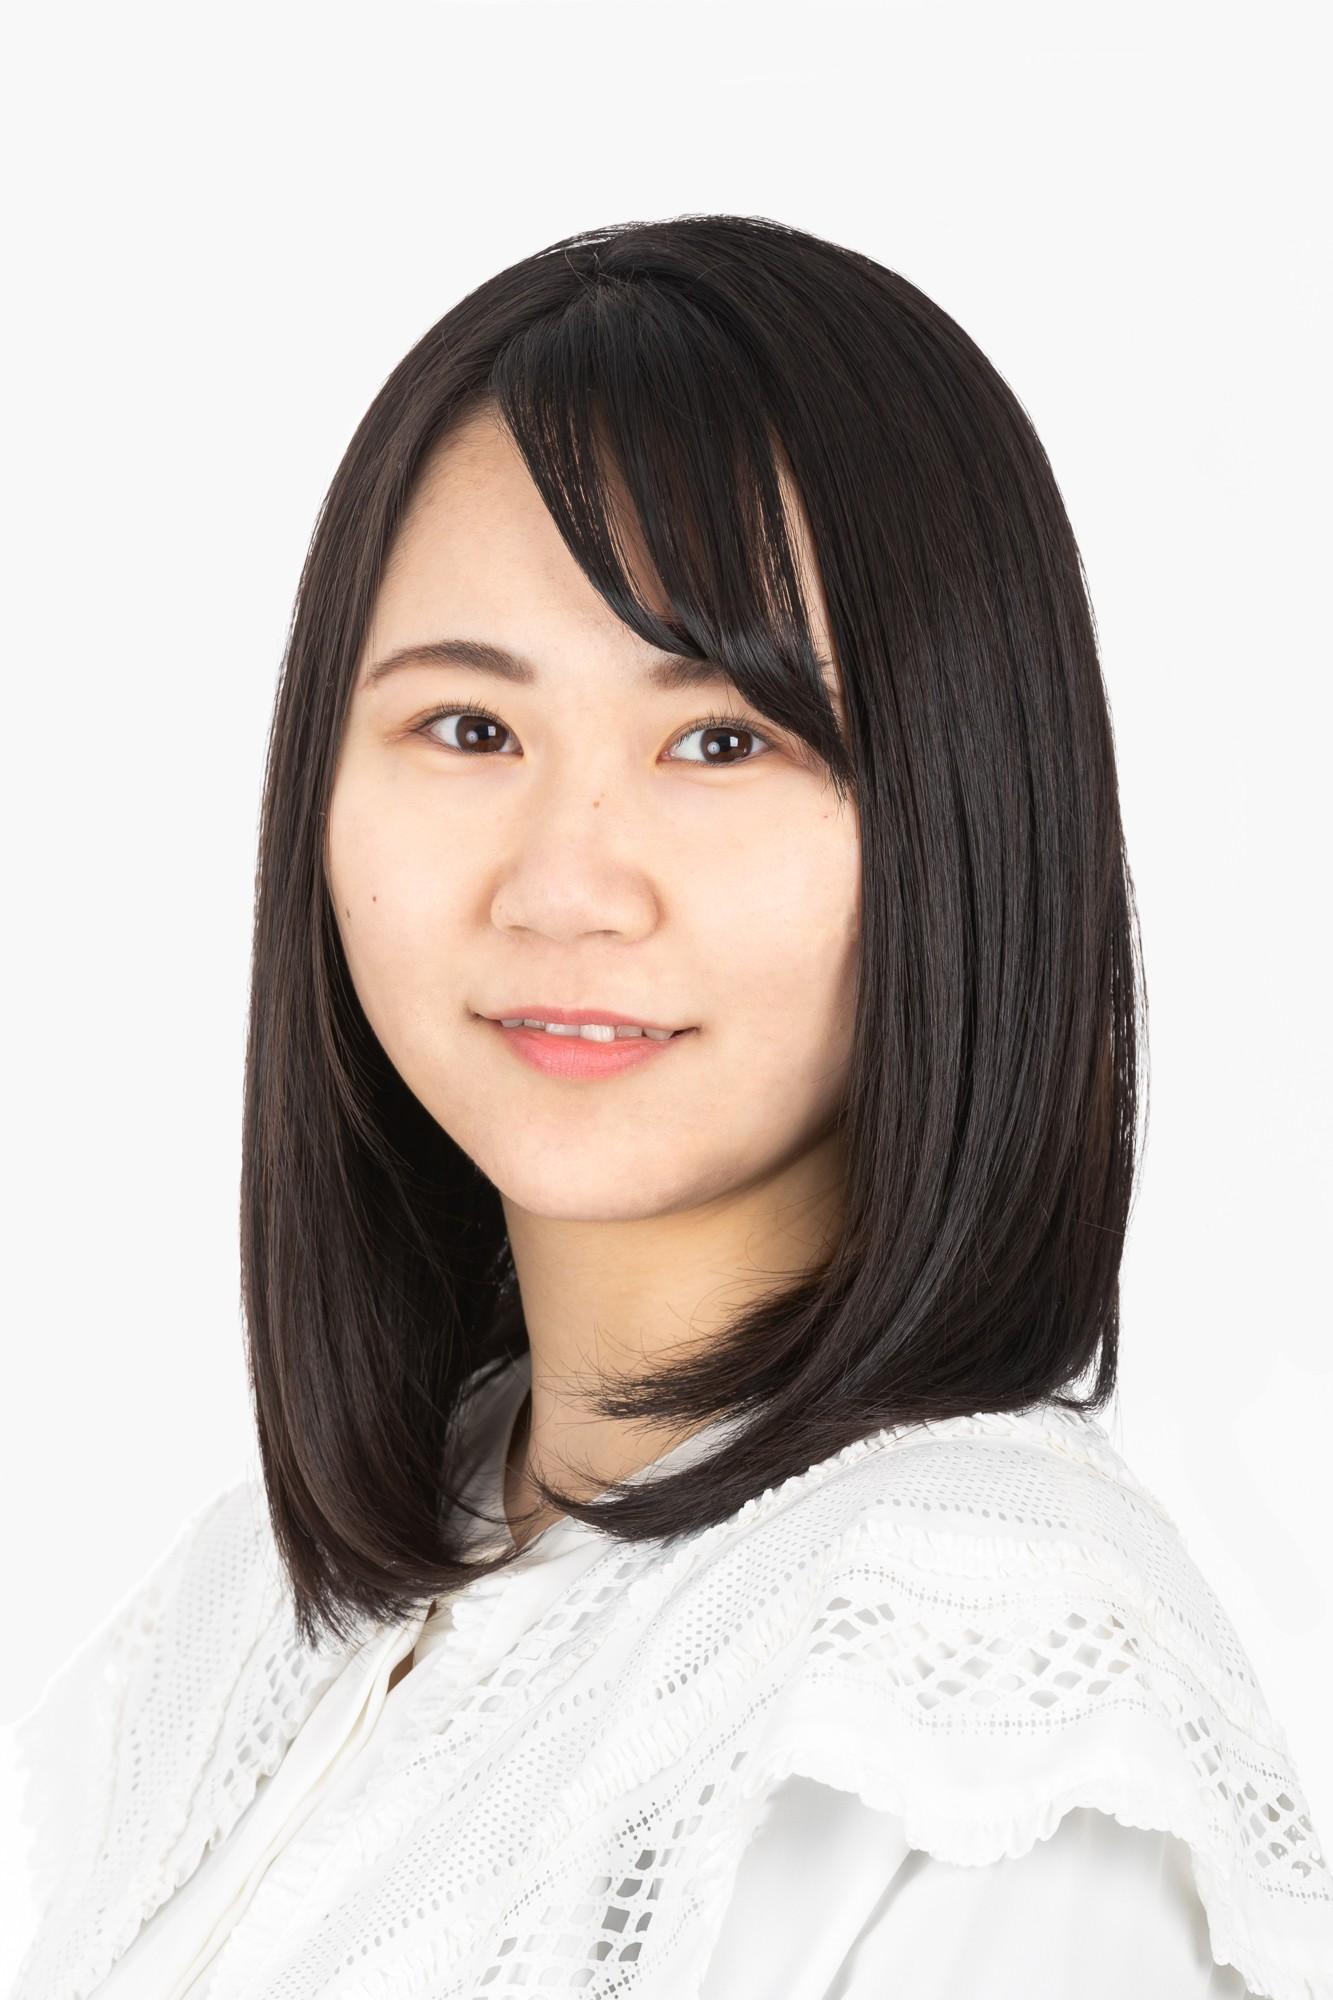 塩川未空,MikuShiokawa